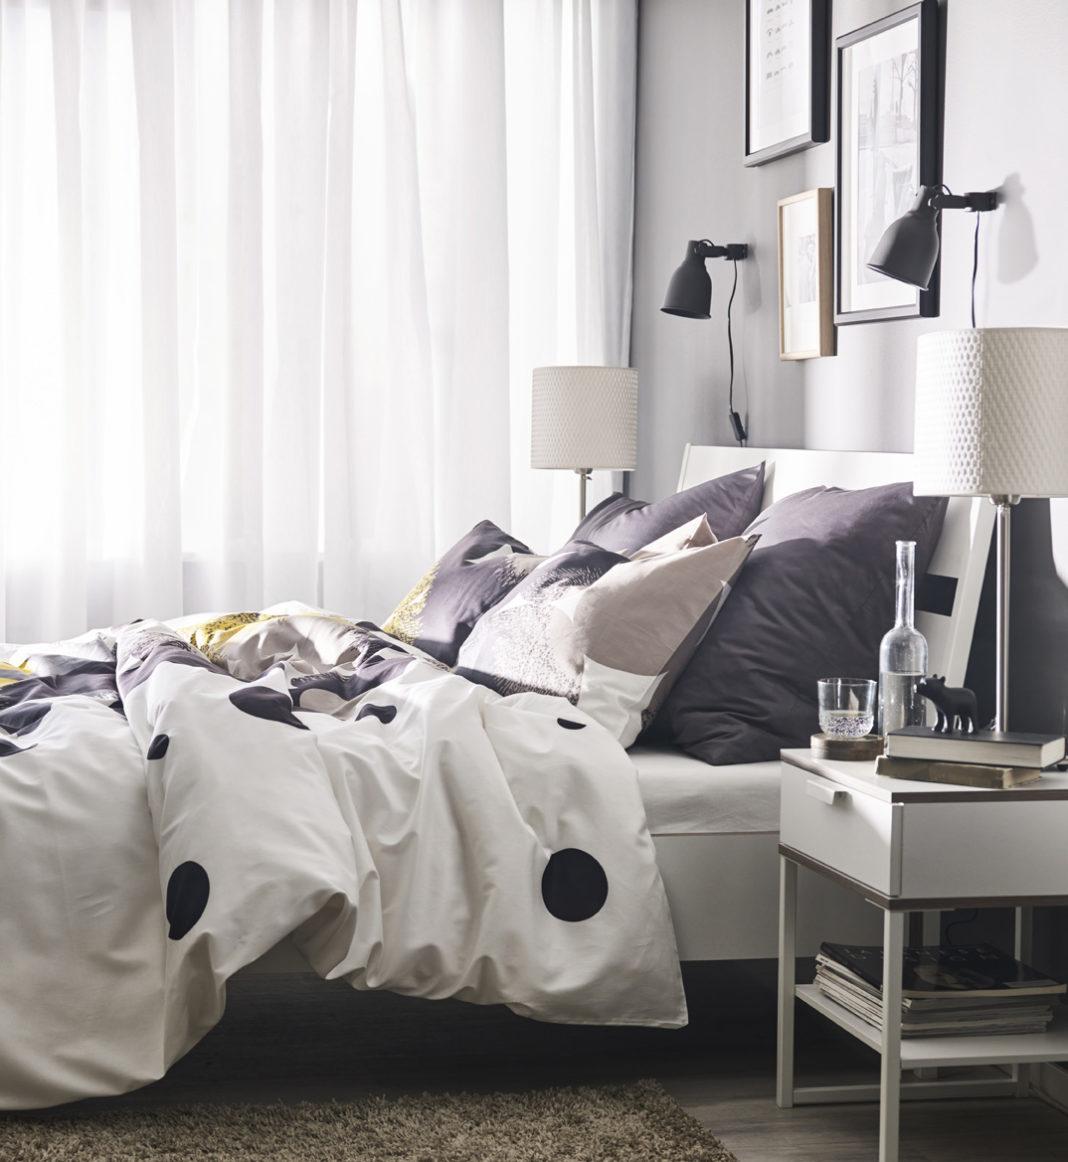 dormitorios modernos - iluminación